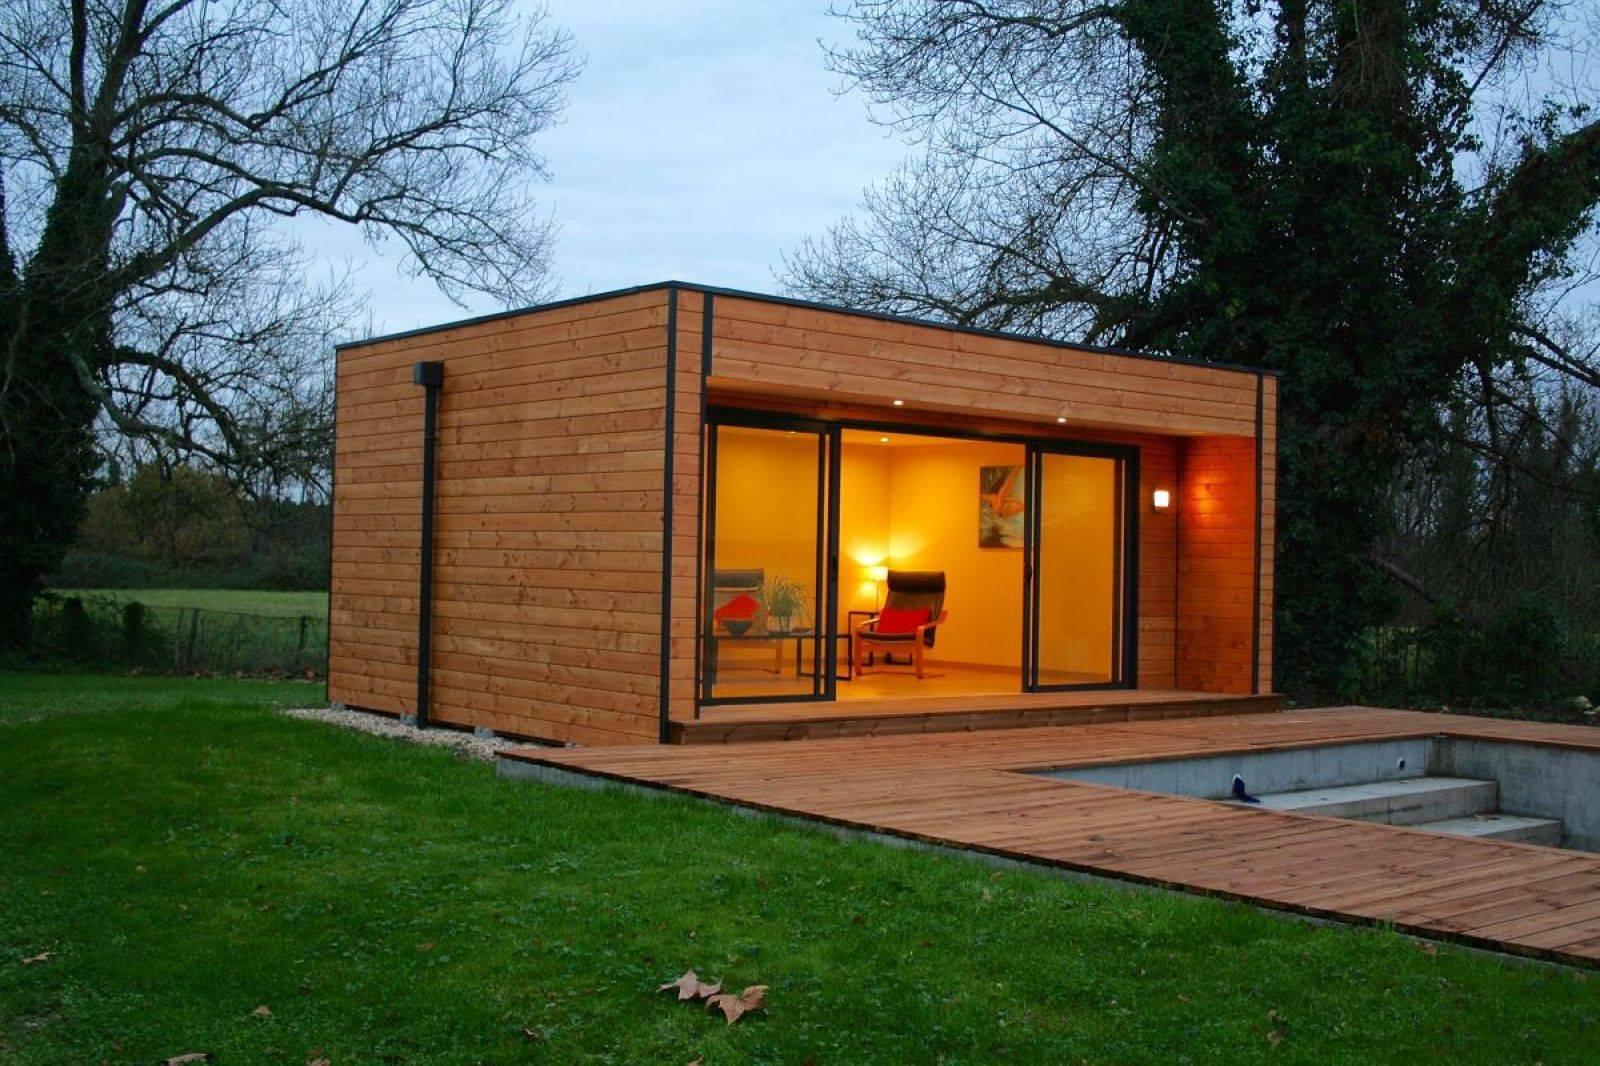 Plan Abri De Jardin En Bois construction d'abri de jardin en bois à bordeaux